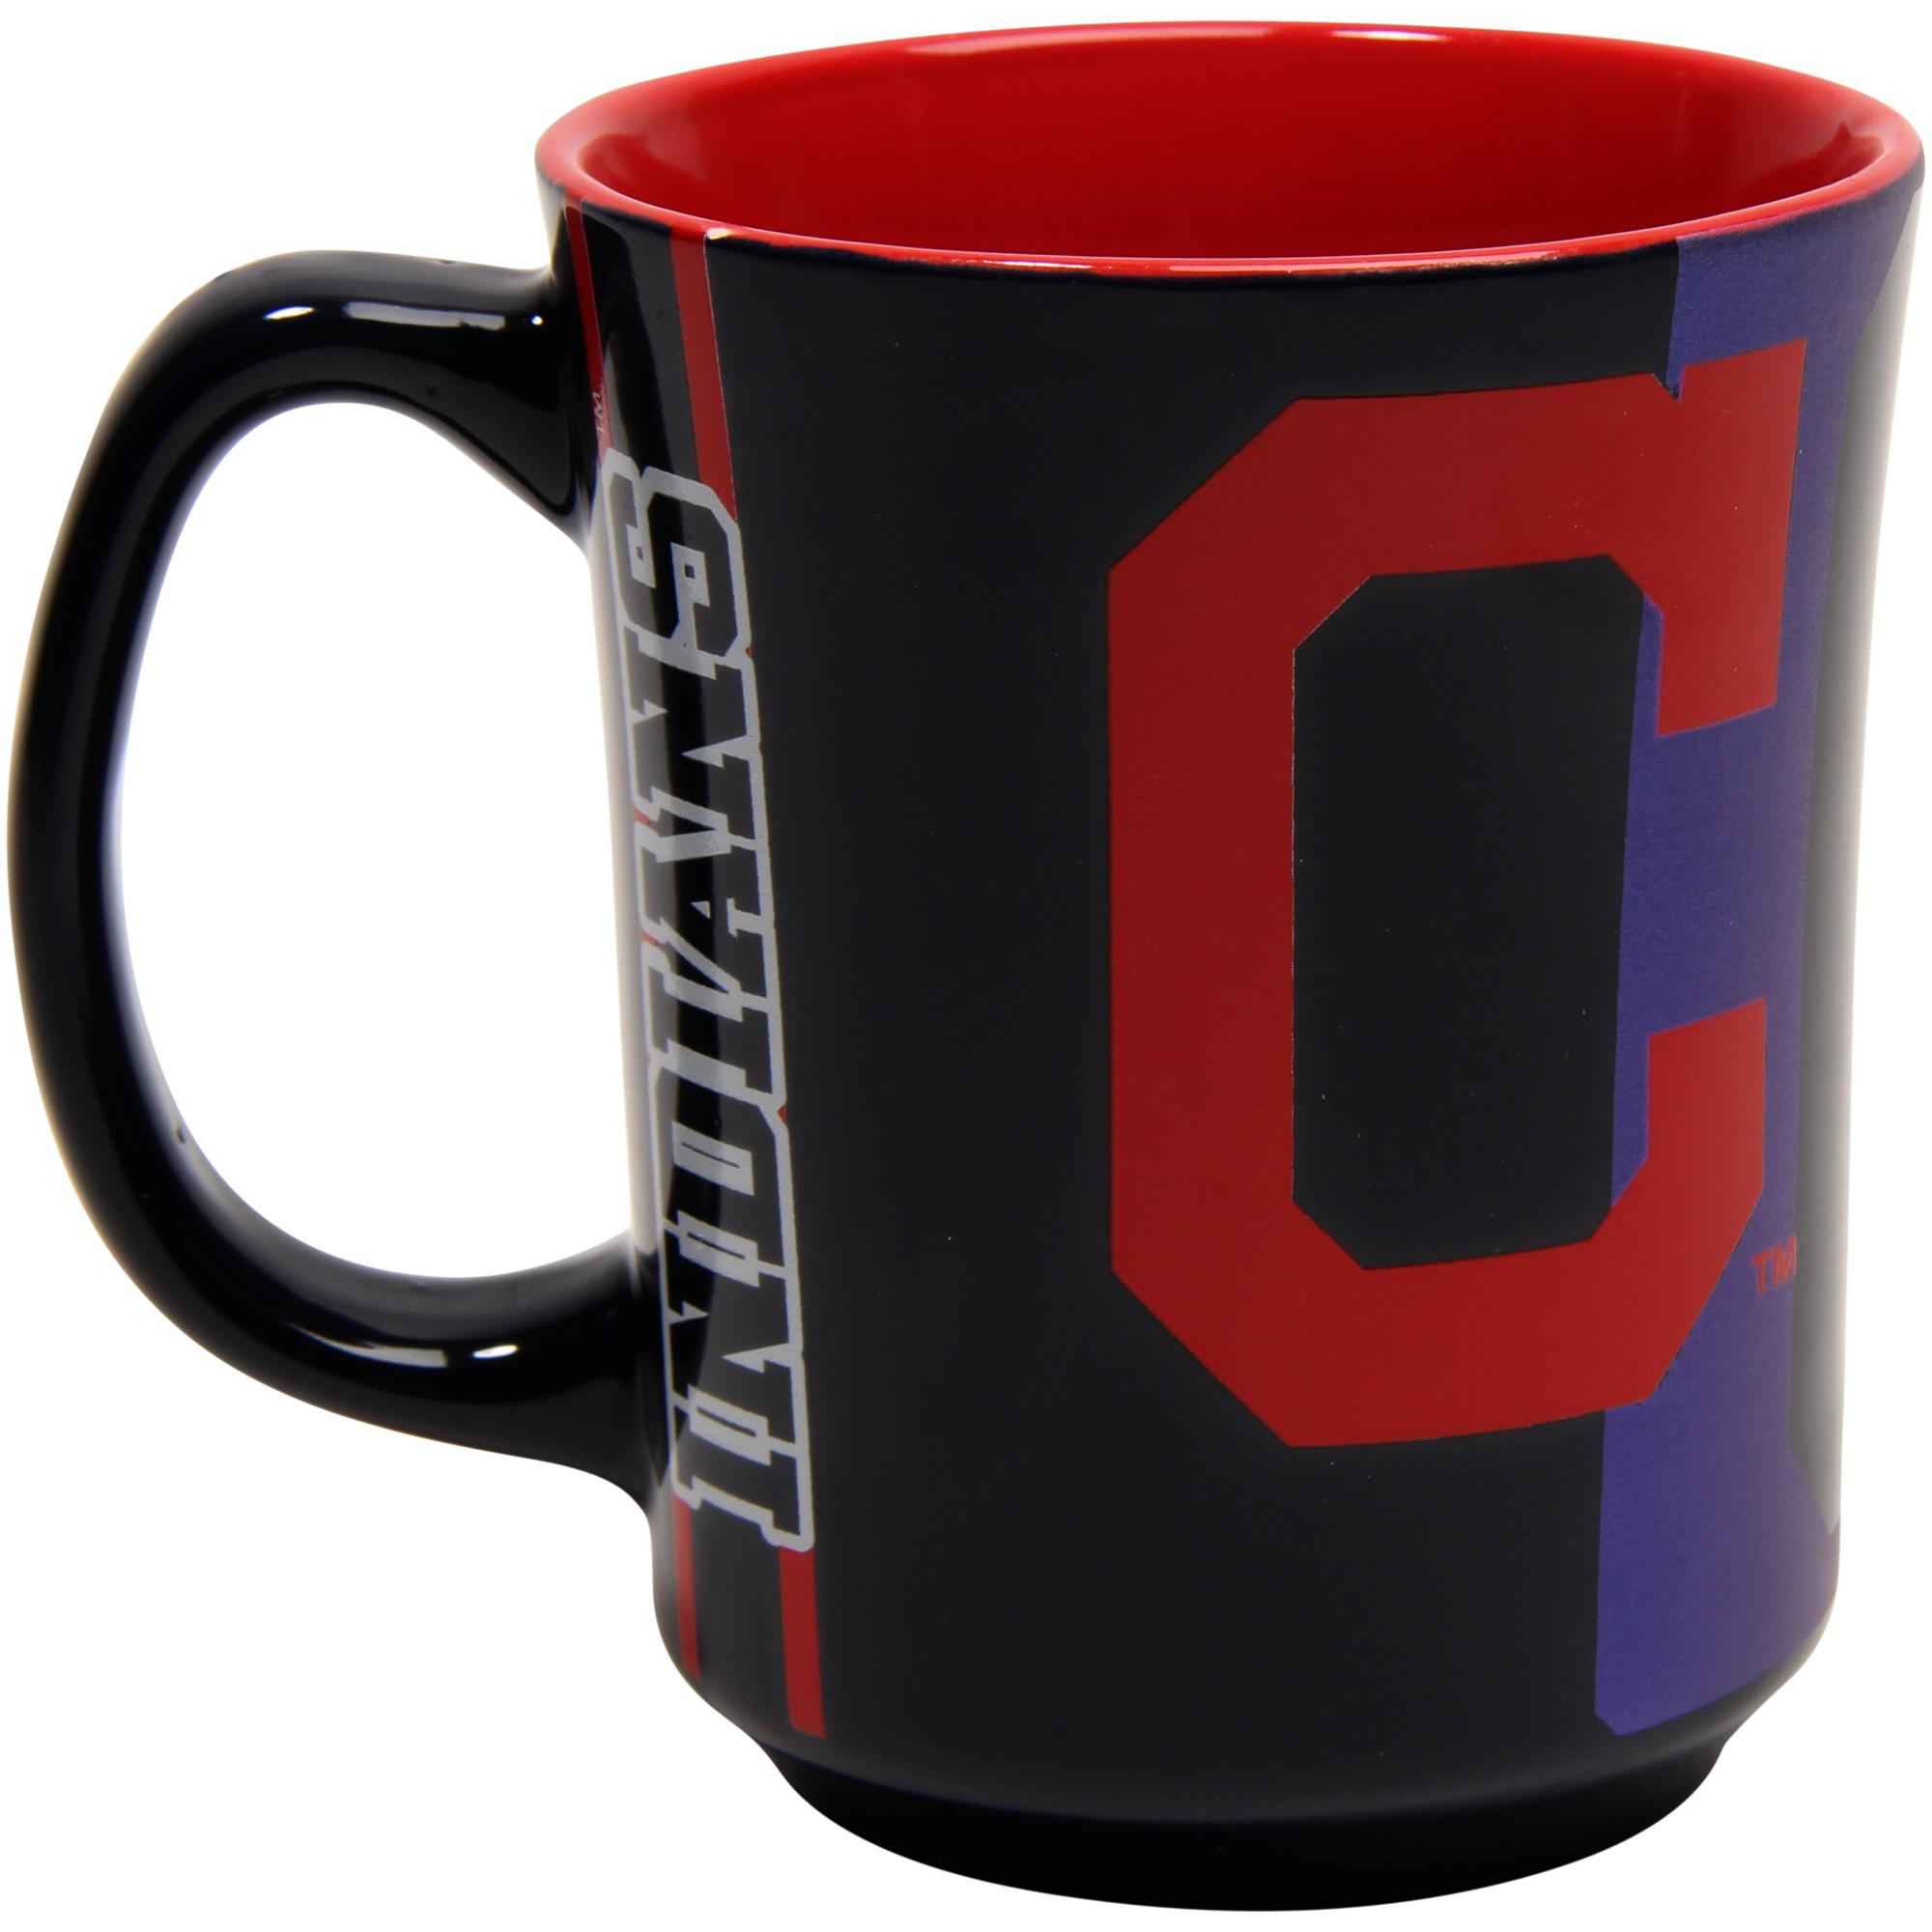 Cleveland Indians Reflective Mug - No Size